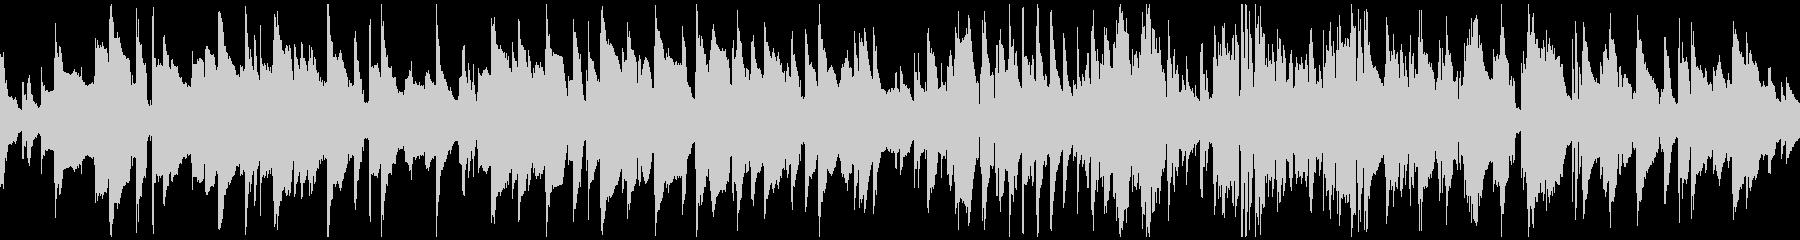 蛍の光/ジャズサックス ※ループ仕様版の未再生の波形